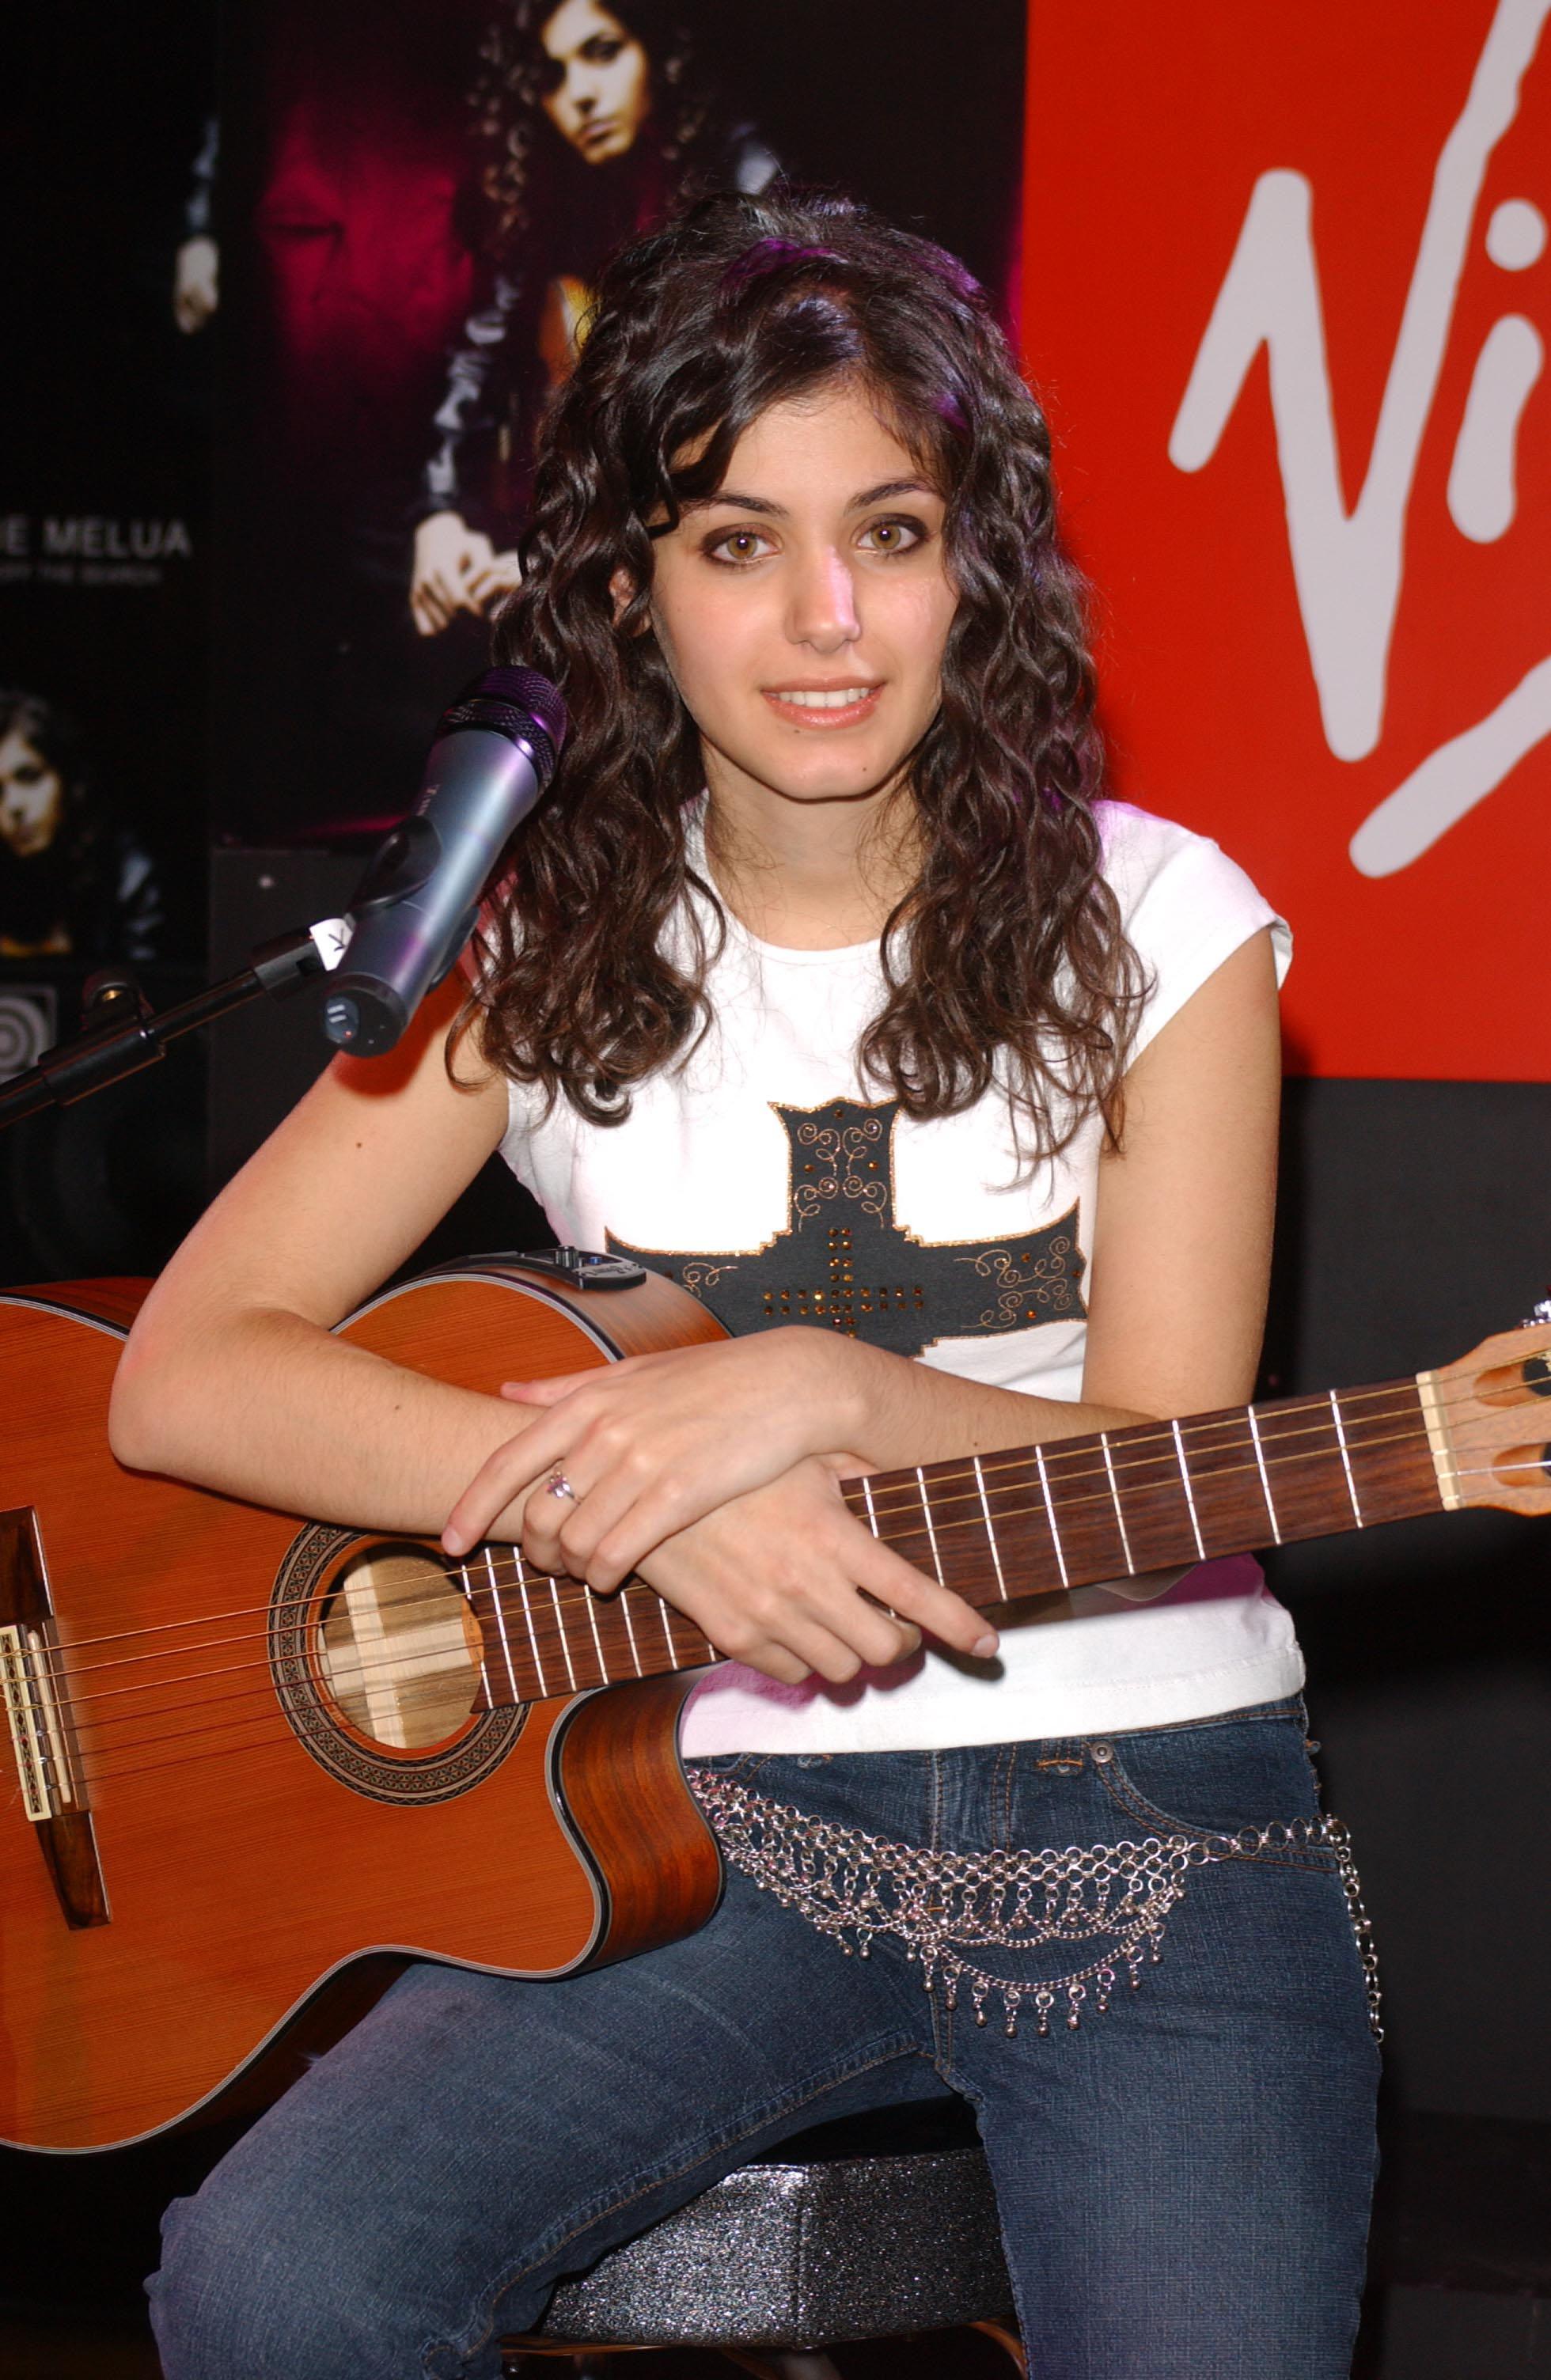 The show guitar